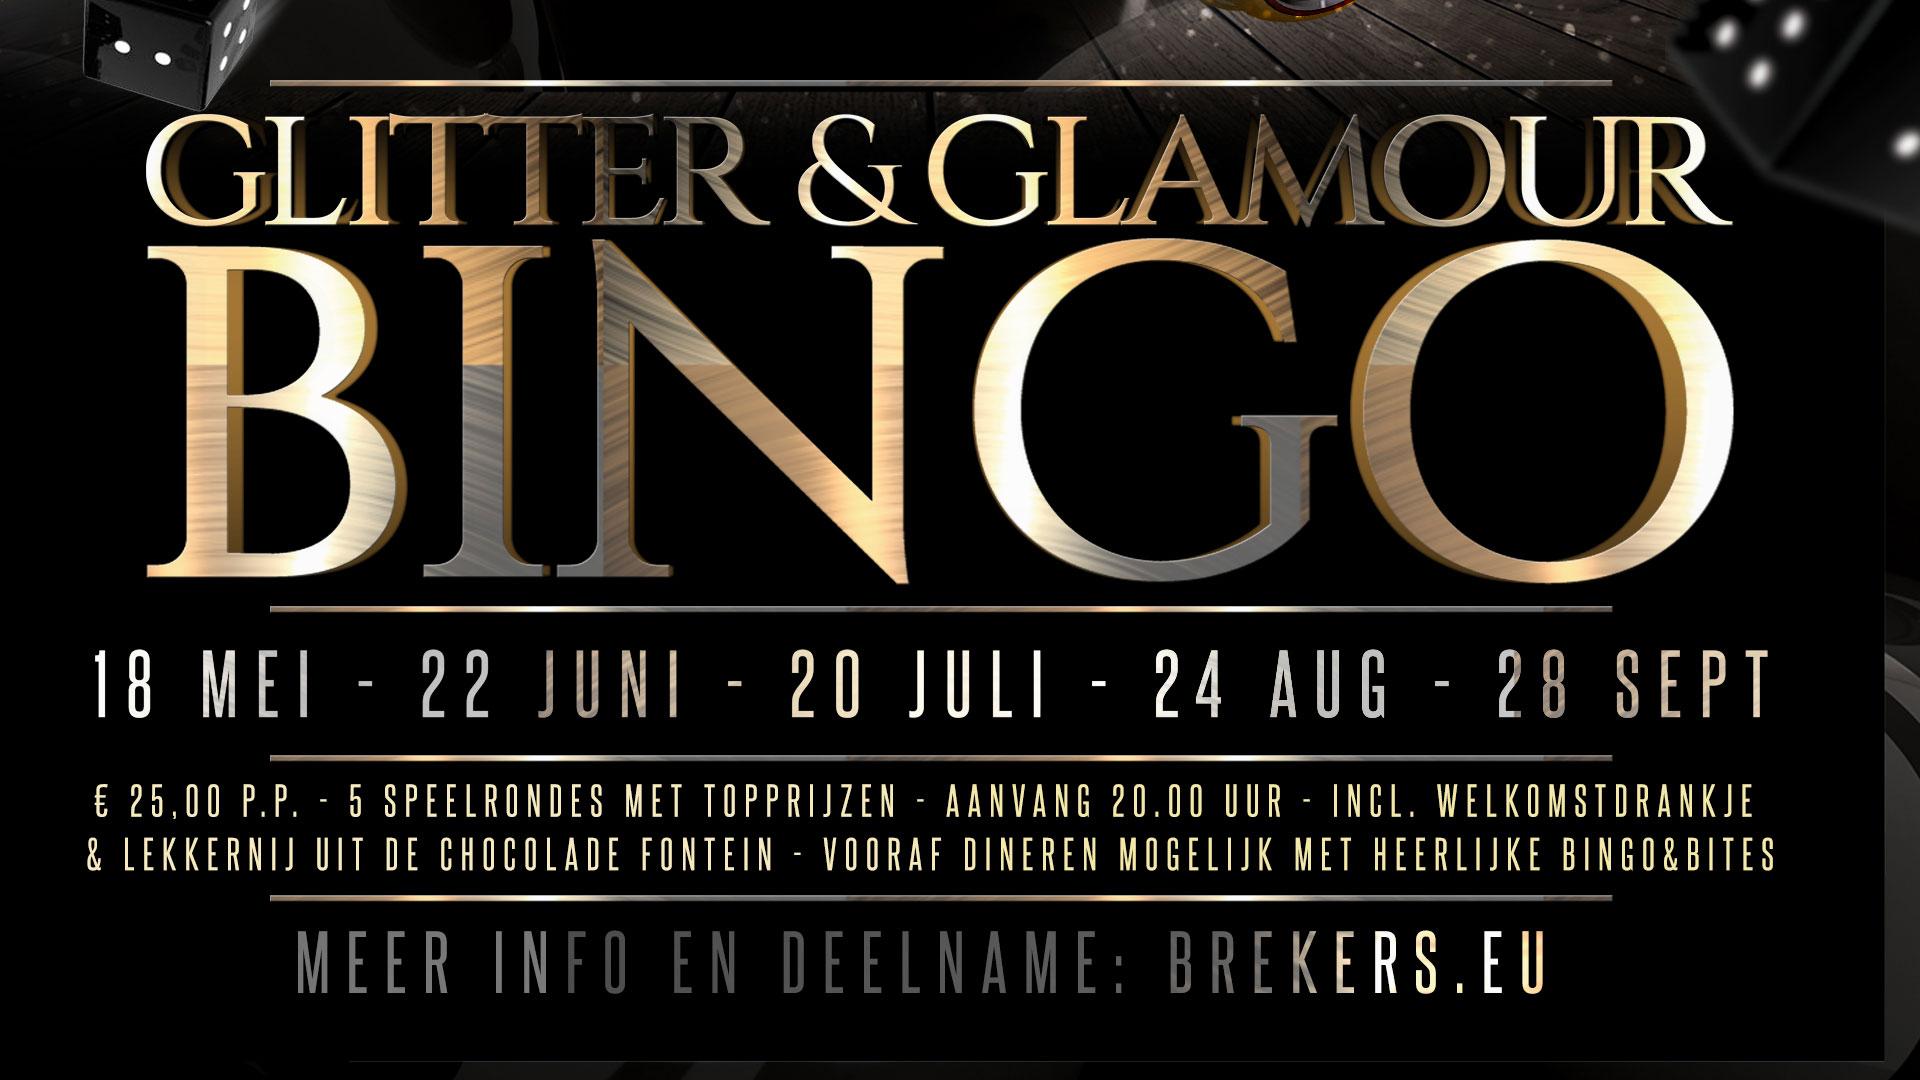 Glitter & Glamour Bingo 21 september